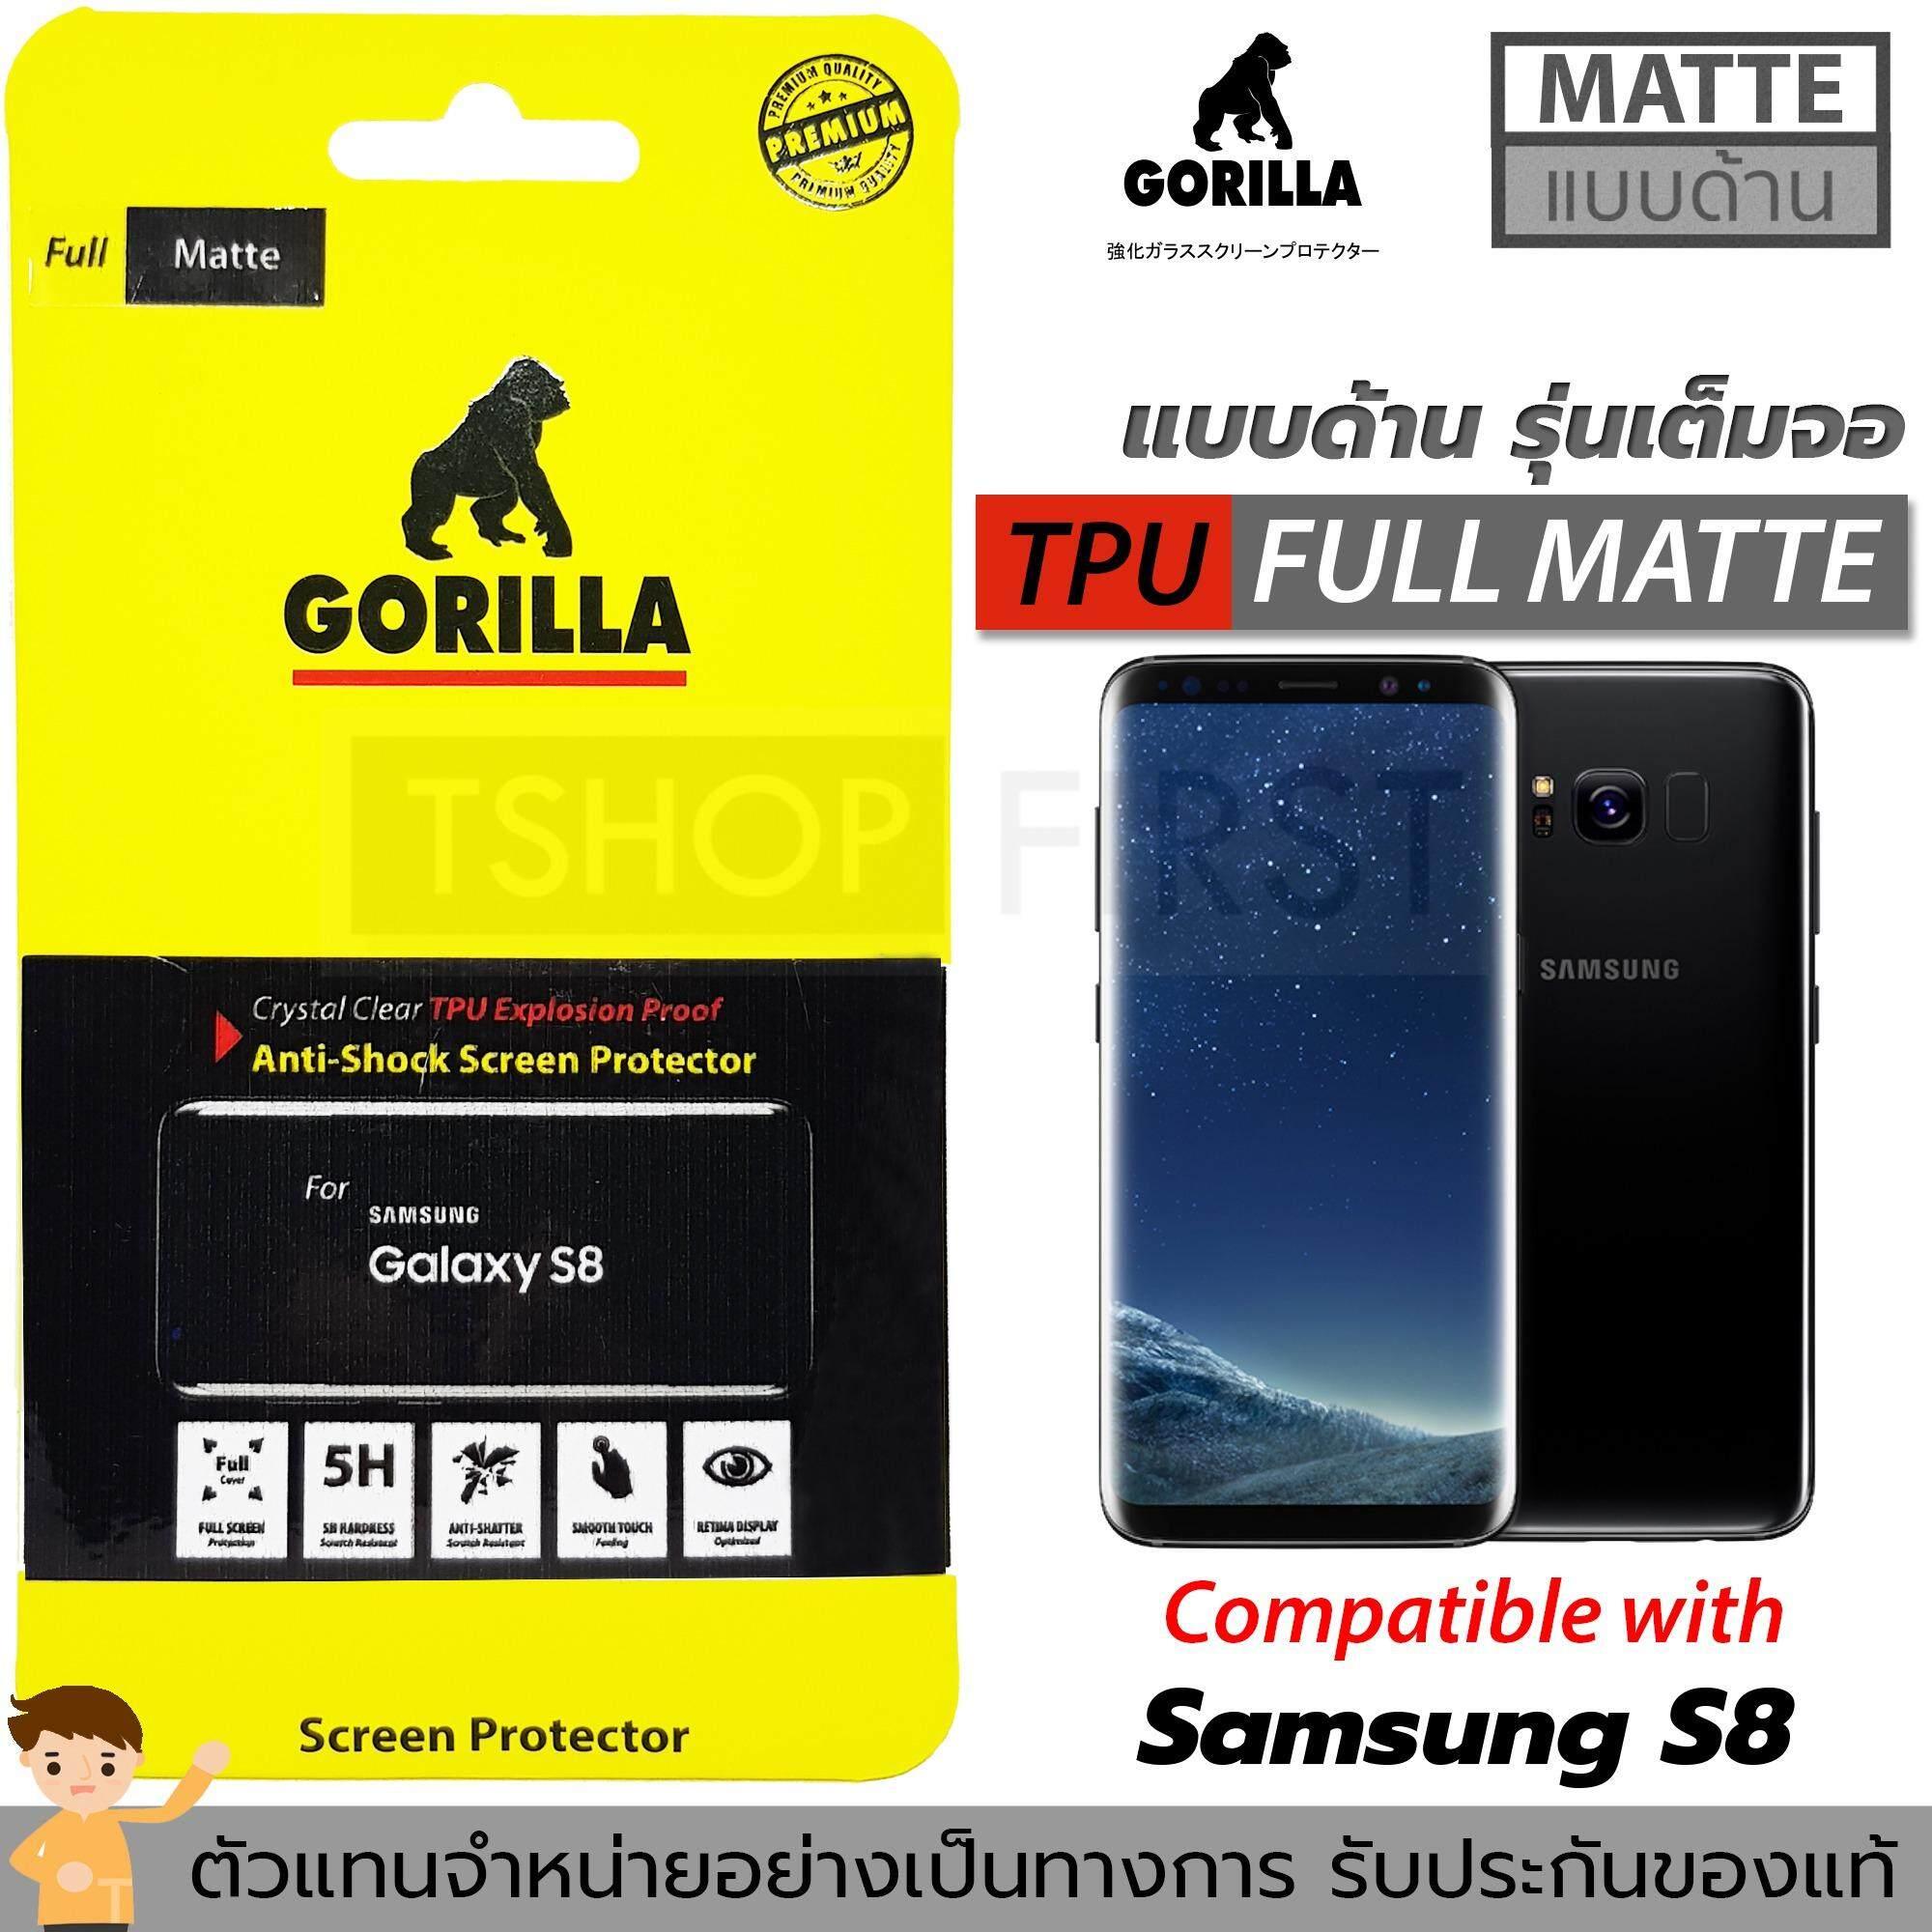 ซื้อ Gorilla Tpu Anti Shock Matte กอริลล่า ฟิล์มกันรอยเต็มหน้าจอ For Samsung S8 ด้าน ออนไลน์